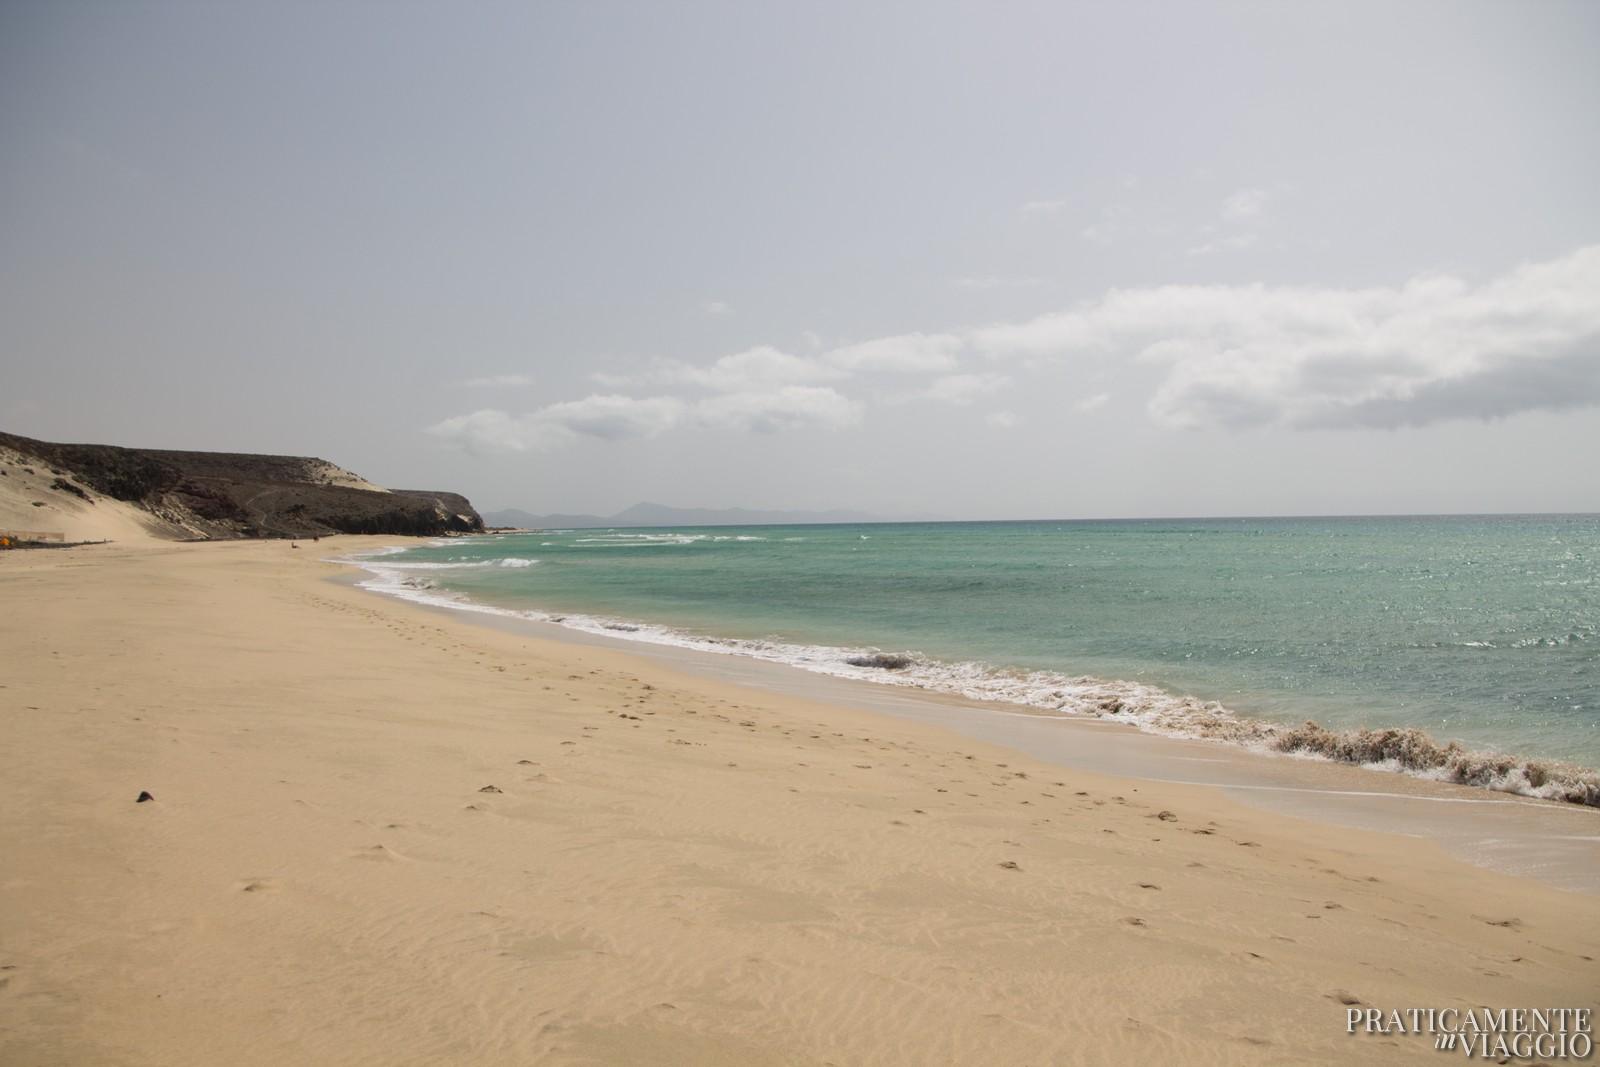 Playa de Mal Nombre Fuerteventura spiagge